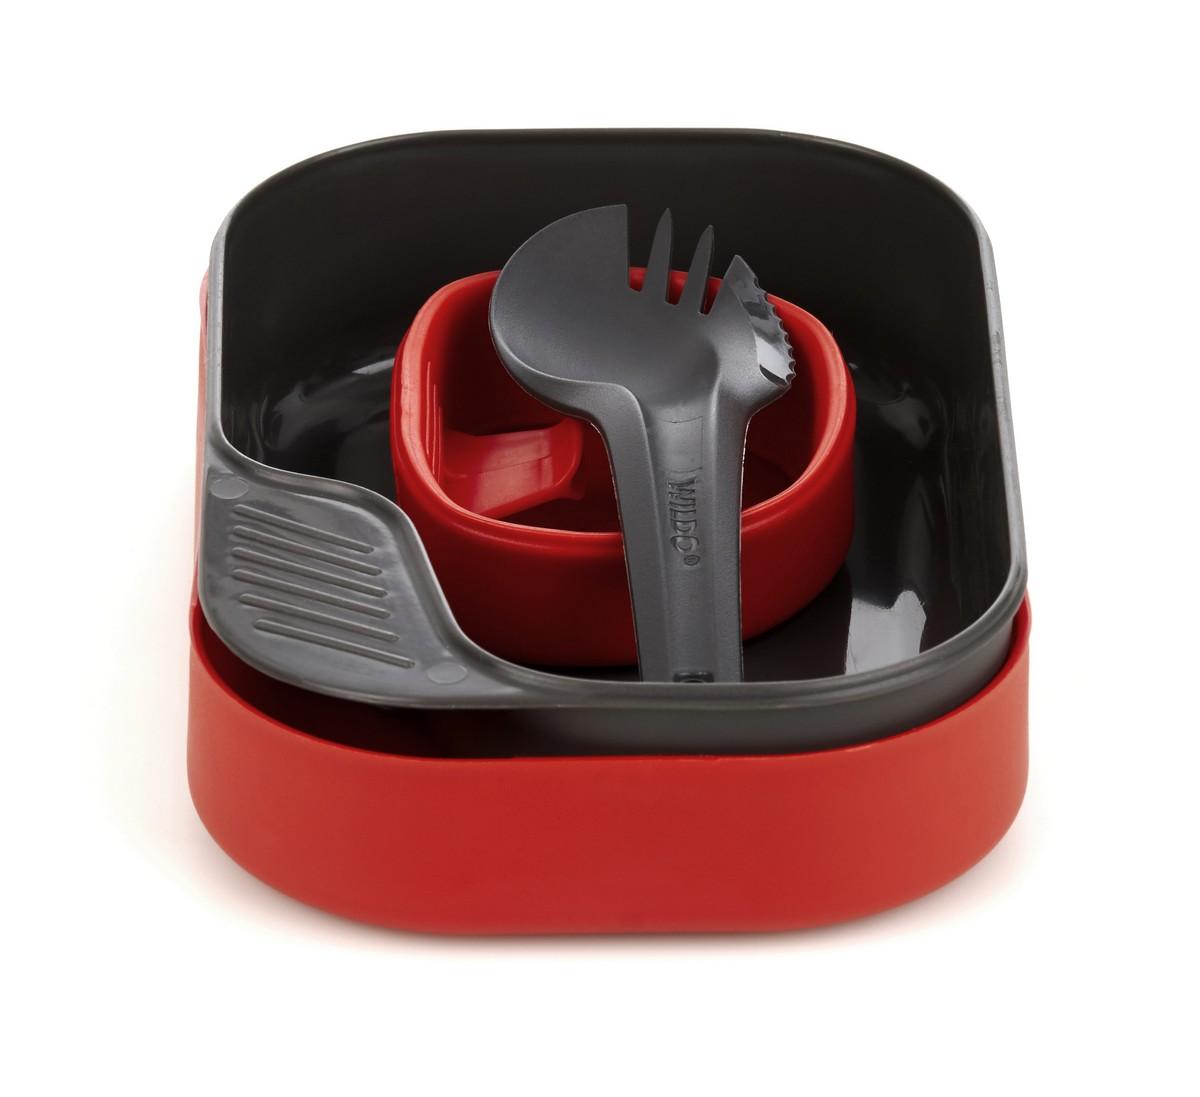 Набор посуды Wildo Camp-a-Box Light, портативный, цвет: красный. W20268 набор походной посуды wildo camp a box complete портативный цвет серый синий 7 предметов